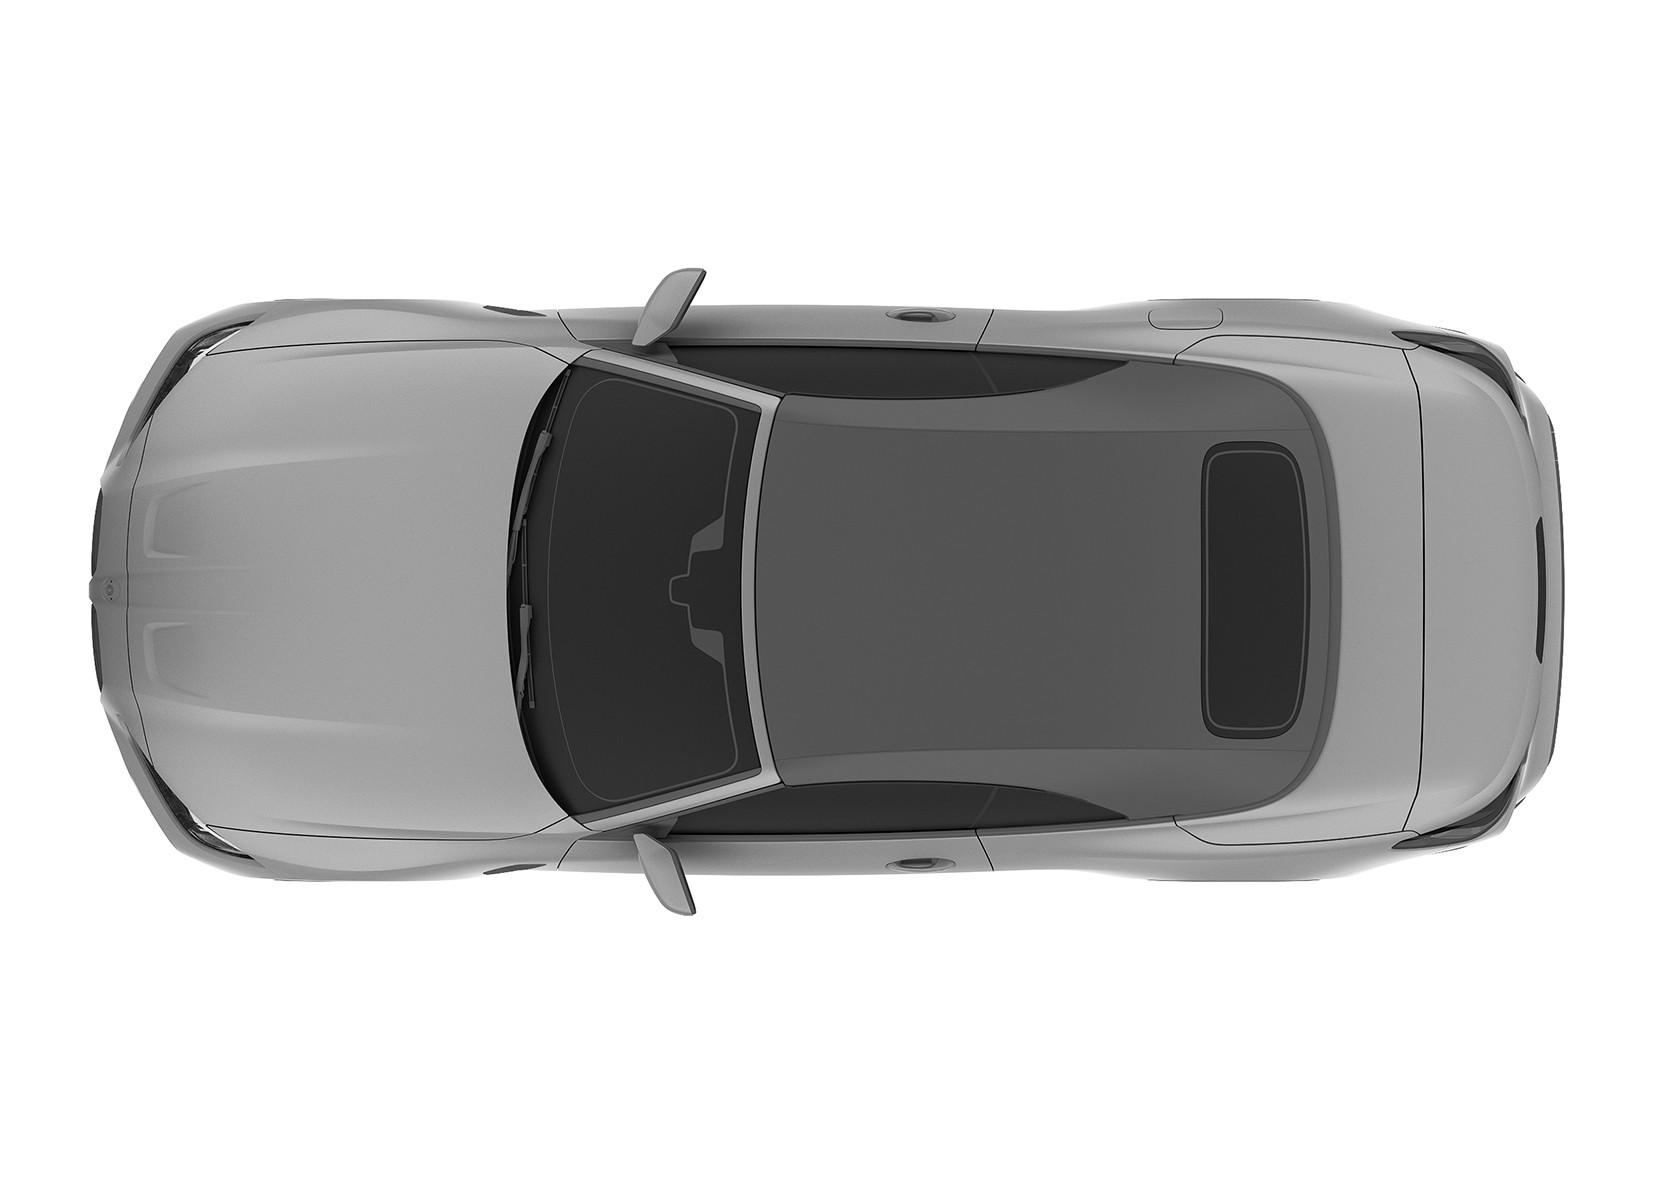 روکیدا | تصاویری از نسل جدید بی ام و کانورتیبل M4 لو رفت: طراحی منحصر به فرد آلمانی | بی ام و, خودرو, خودرو اسپرت